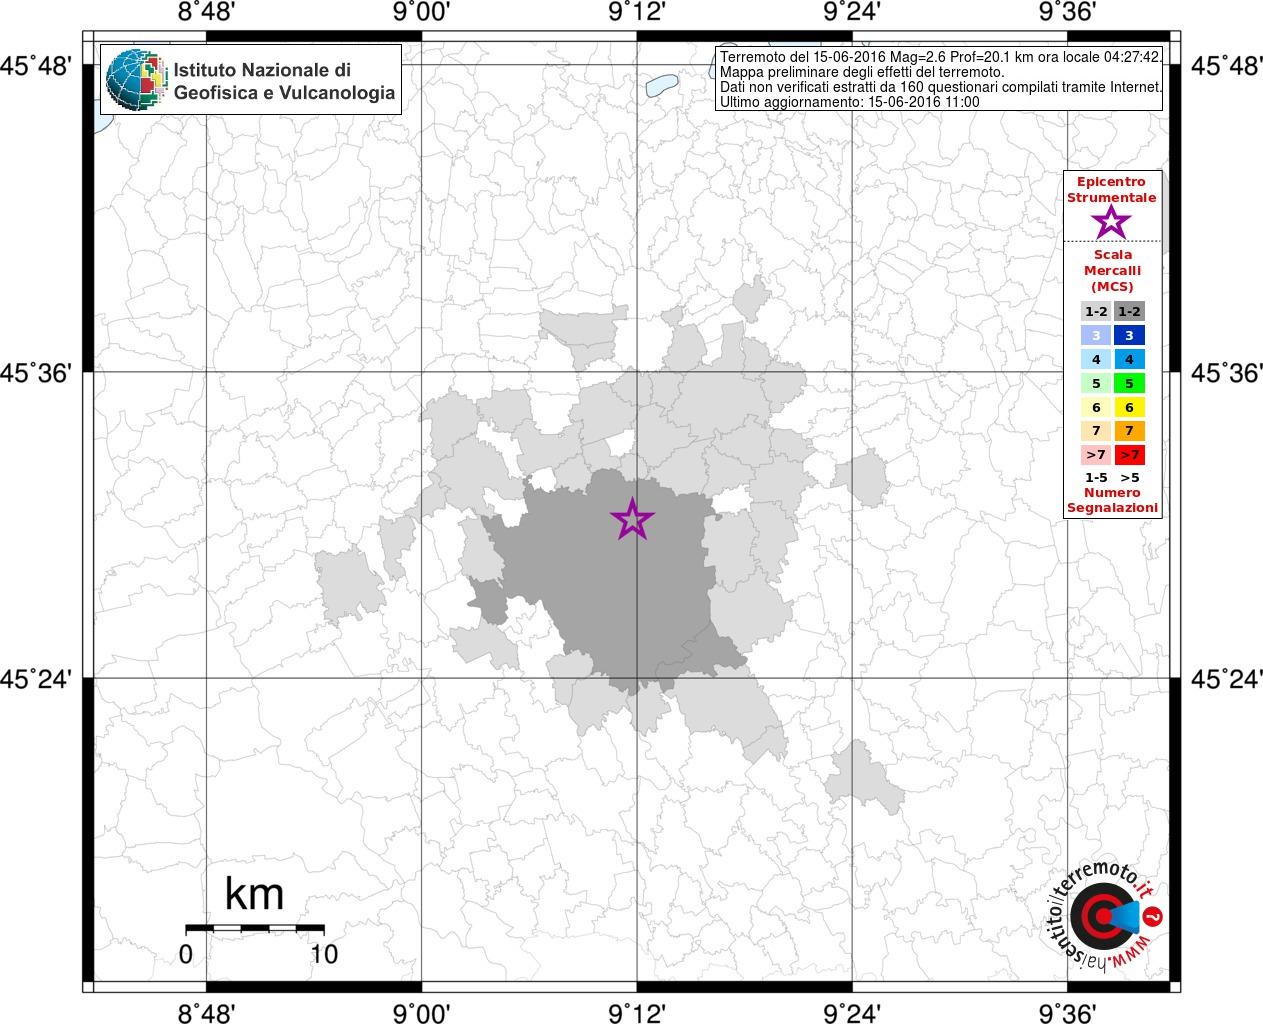 lampadari paderno dugnano : Terremoto magnitudo 2.6 a Milano: la scheda con gli effetti ...